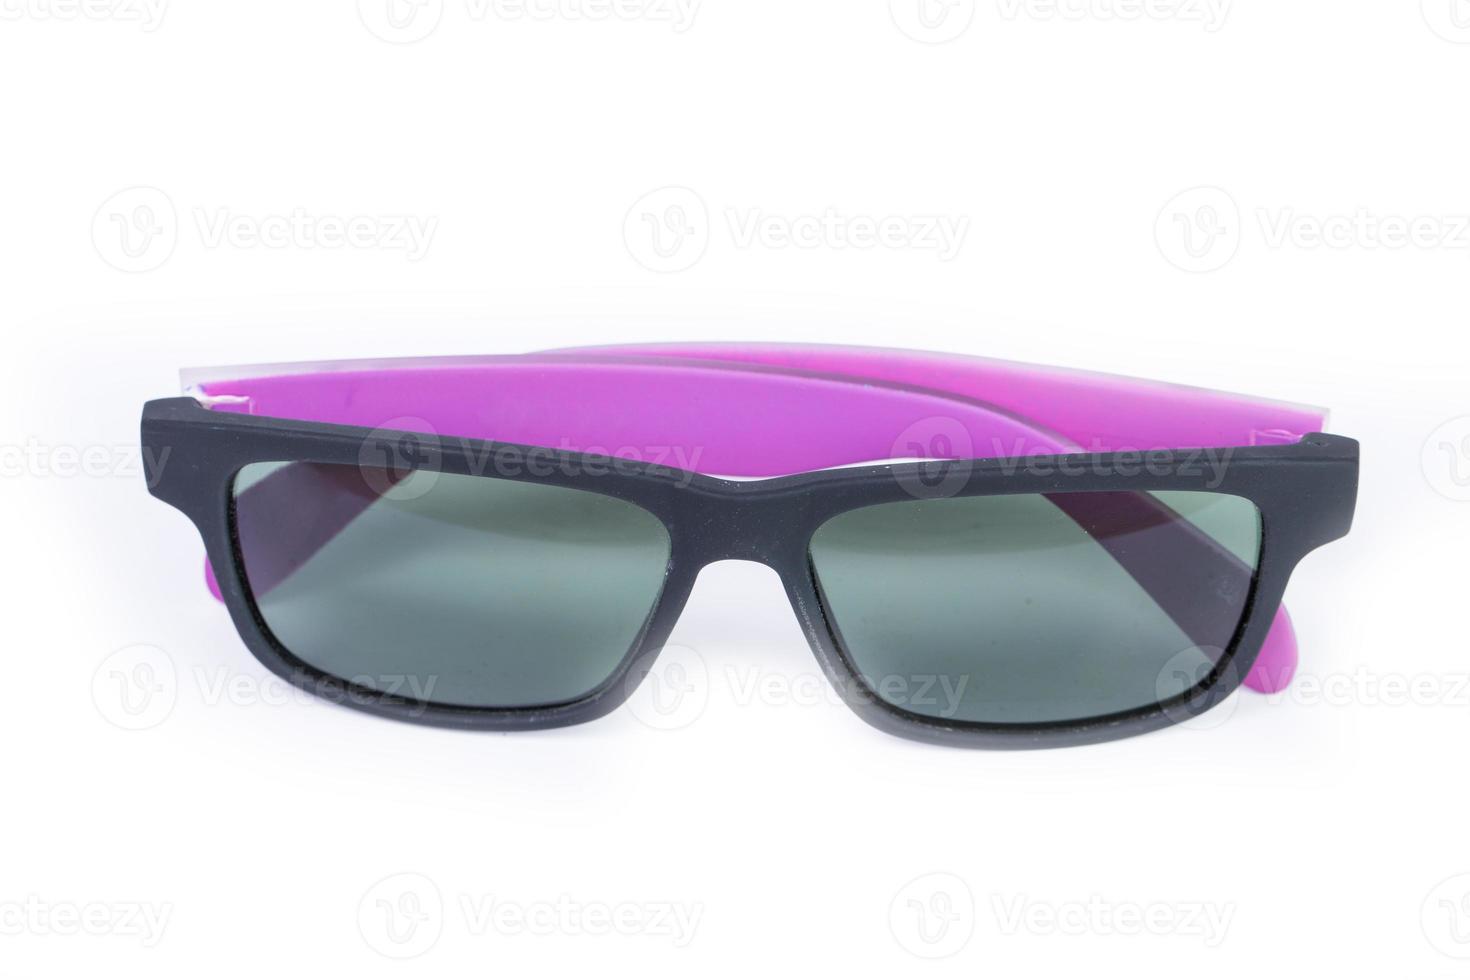 vicino occhiali da sole foto